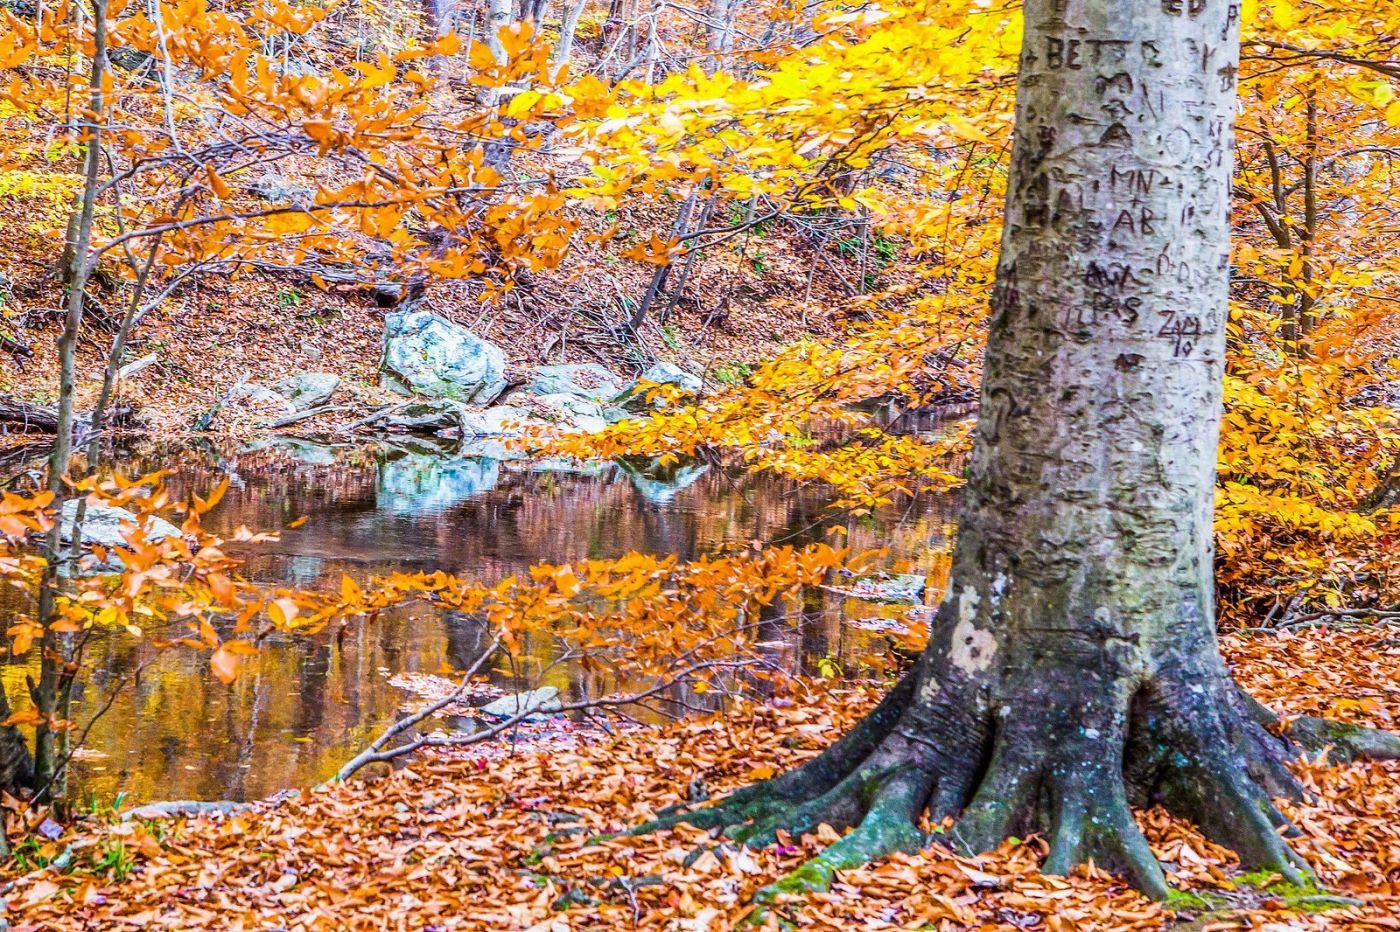 宾州雷德利克里克公园(Ridley creek park),迷人的秋色_图1-3